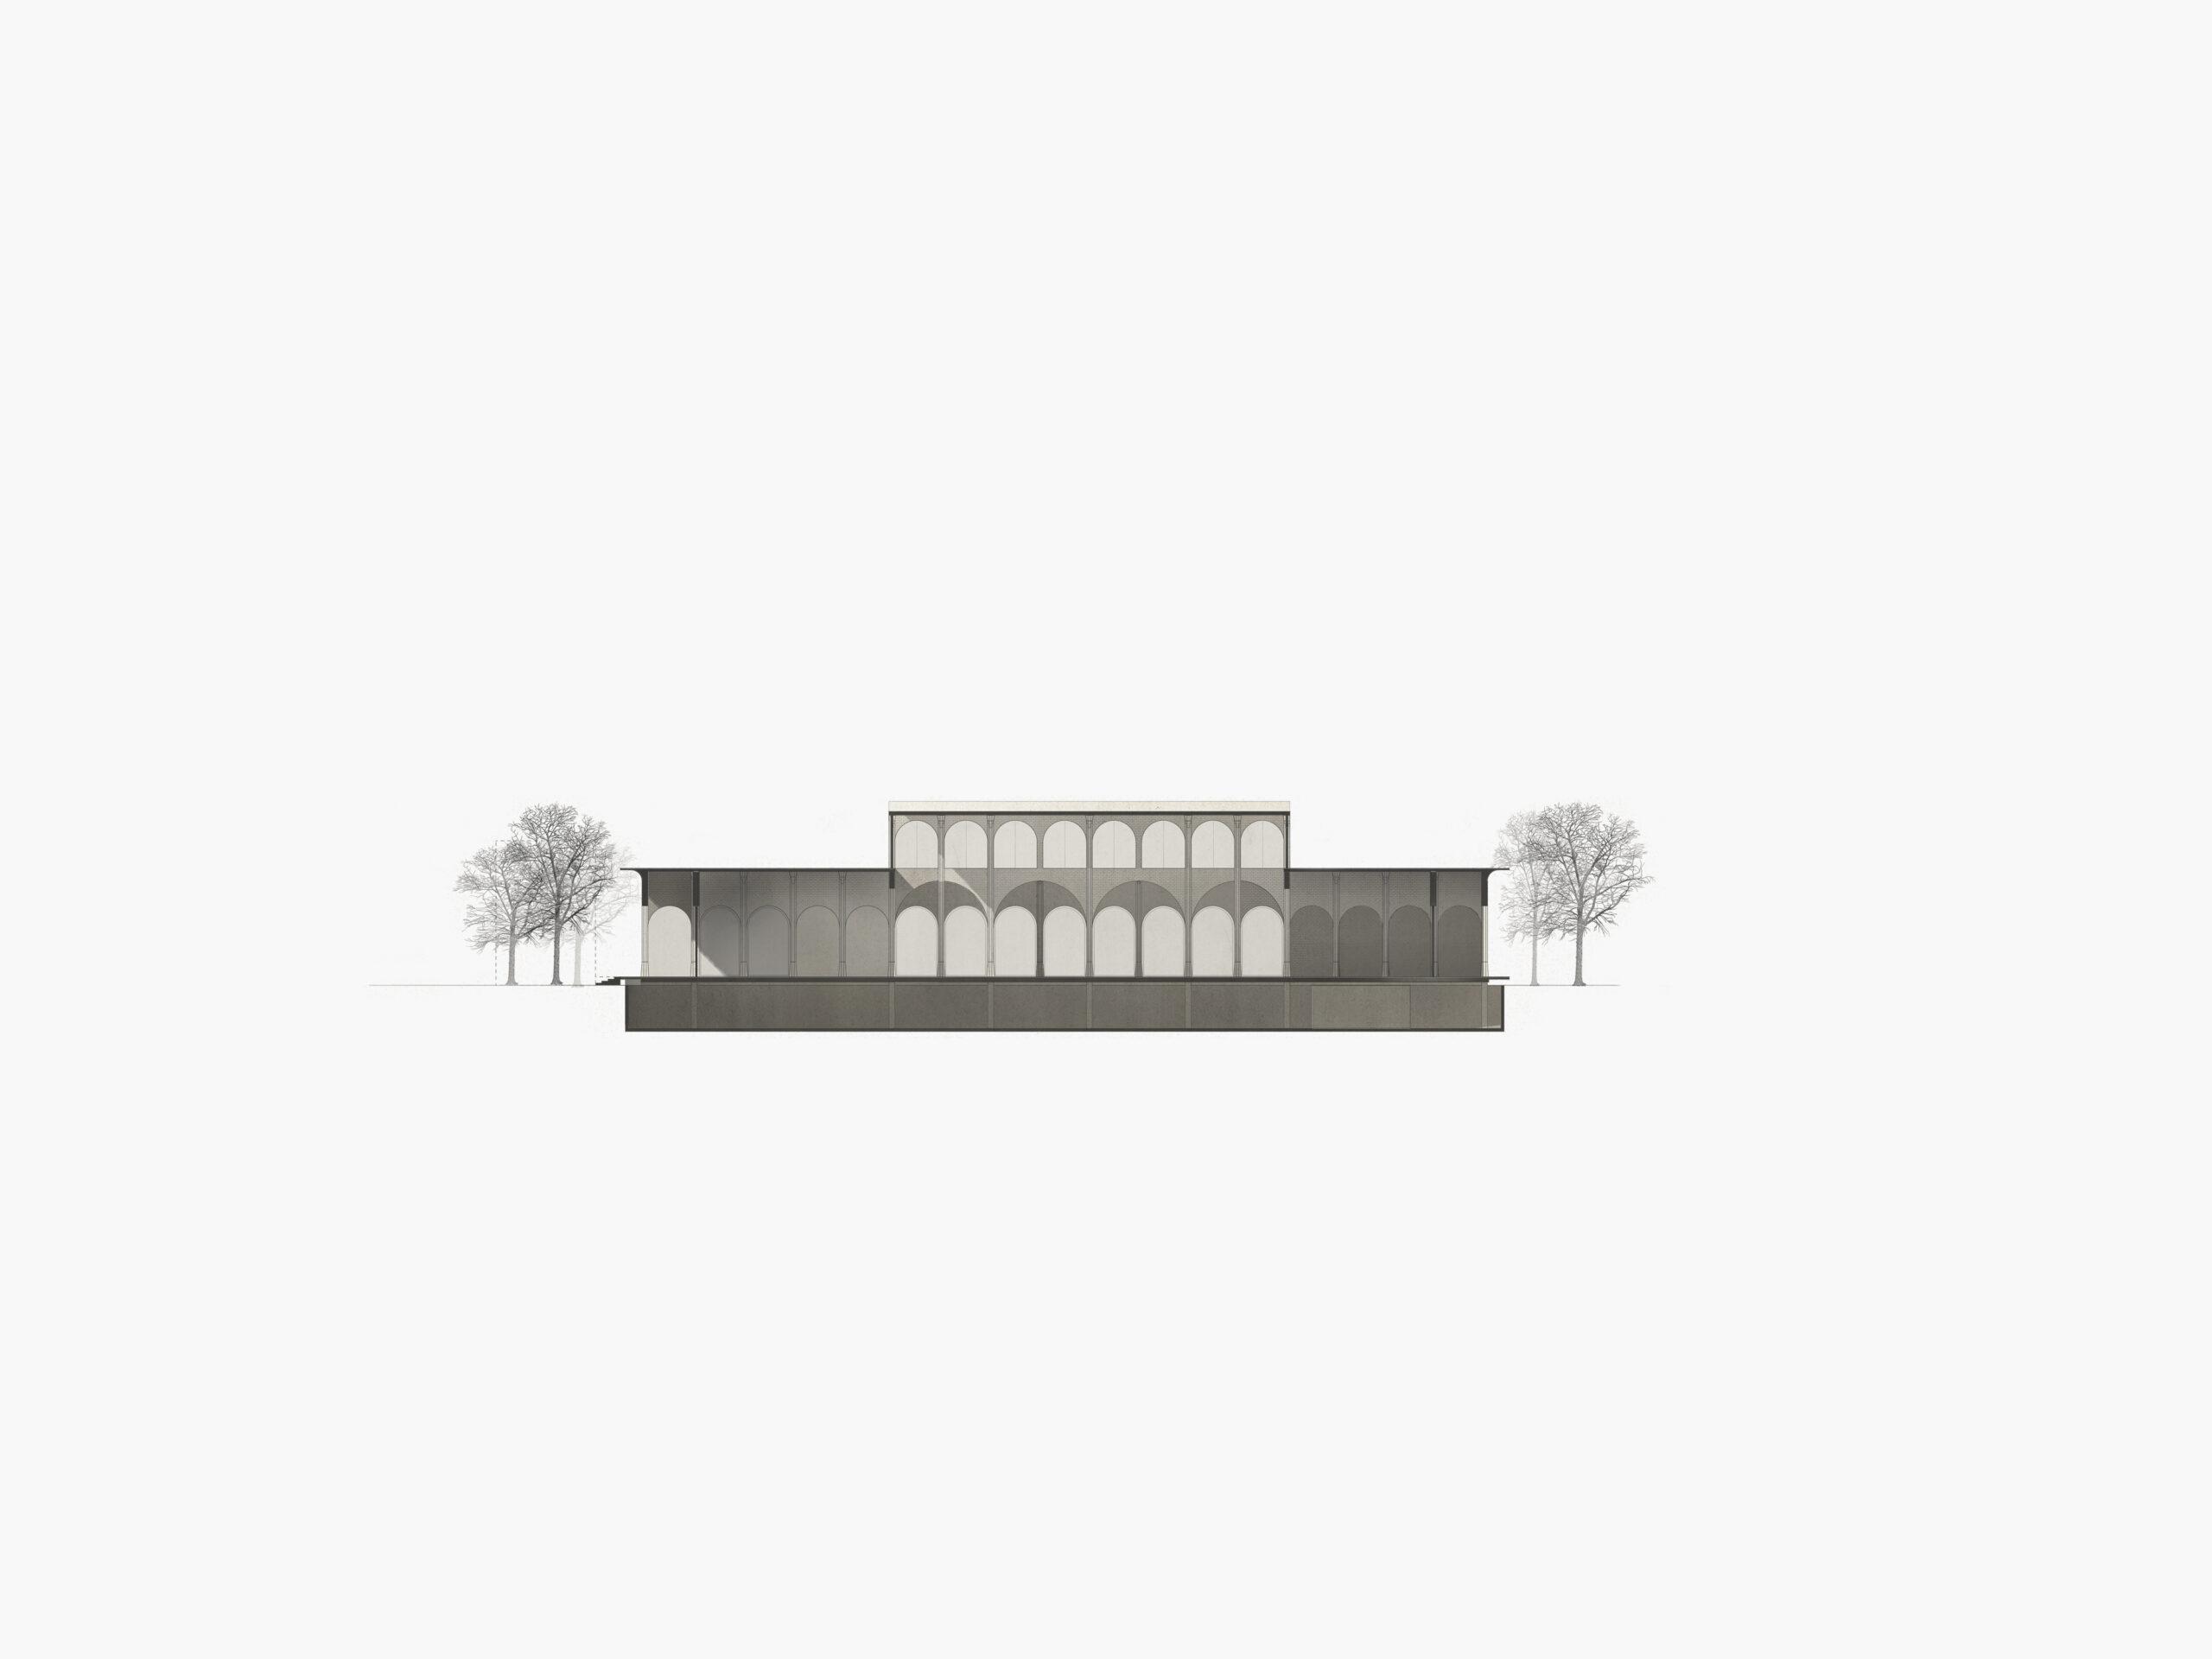 Michael-Becker-Architects-Architekten-Verbrauchermarkt-Rottenburg-Querschnitt